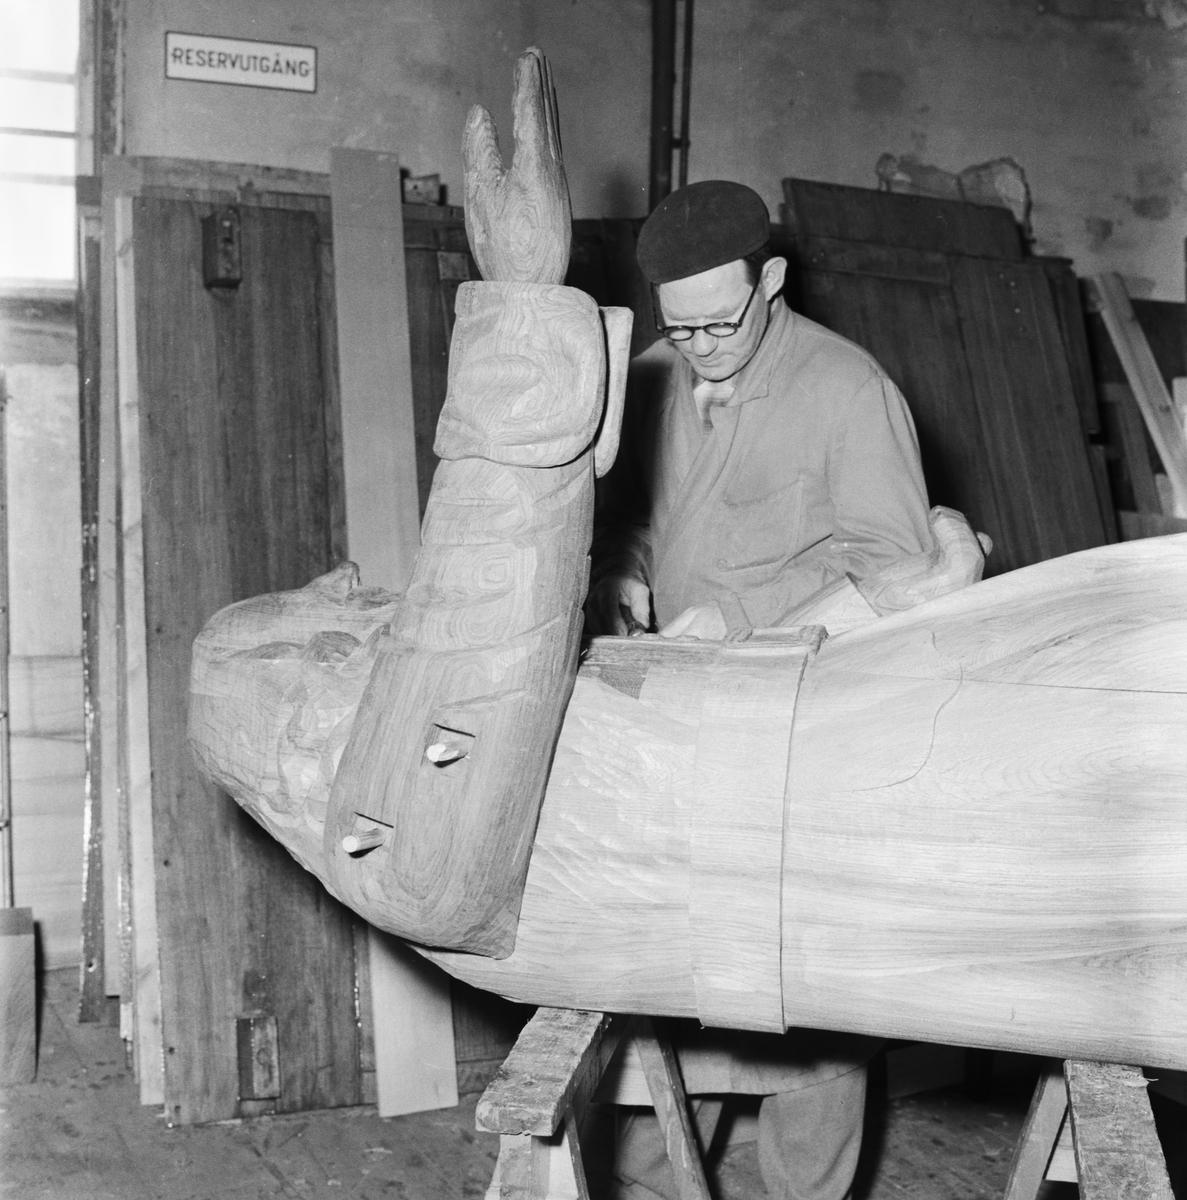 Övrigt: Foto datum: 28/7 1956 Byggnader och kranar Rosenbom nytillverkning